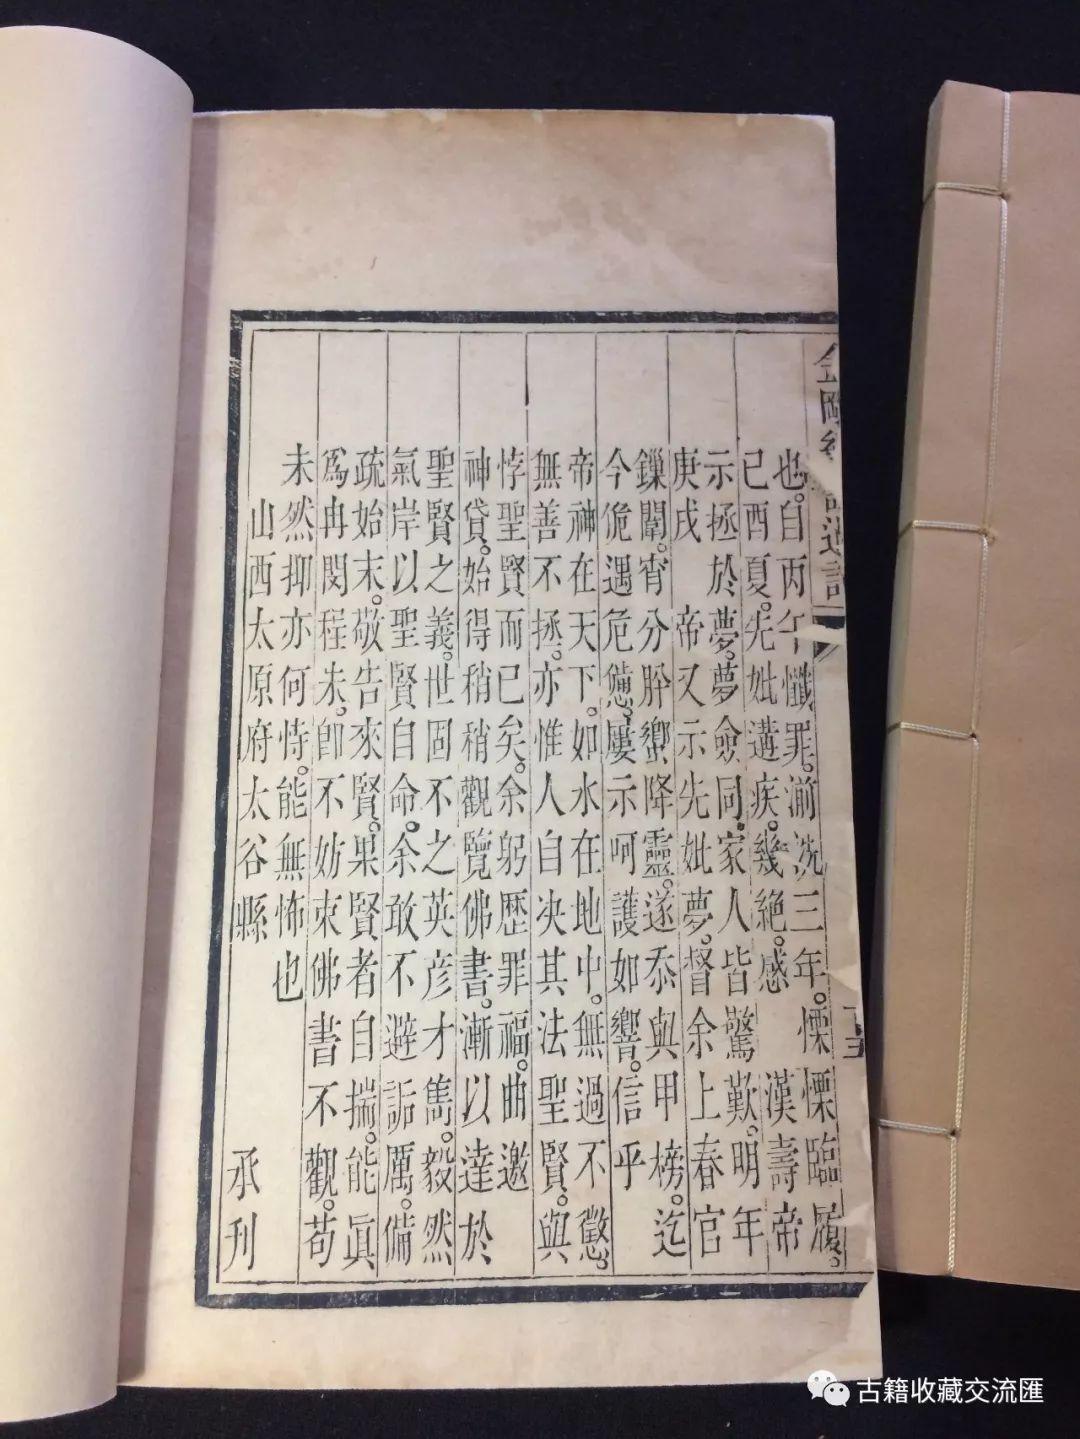 微拍预展:【古籍收藏交流滙 · 第一古籍微拍 · 精品